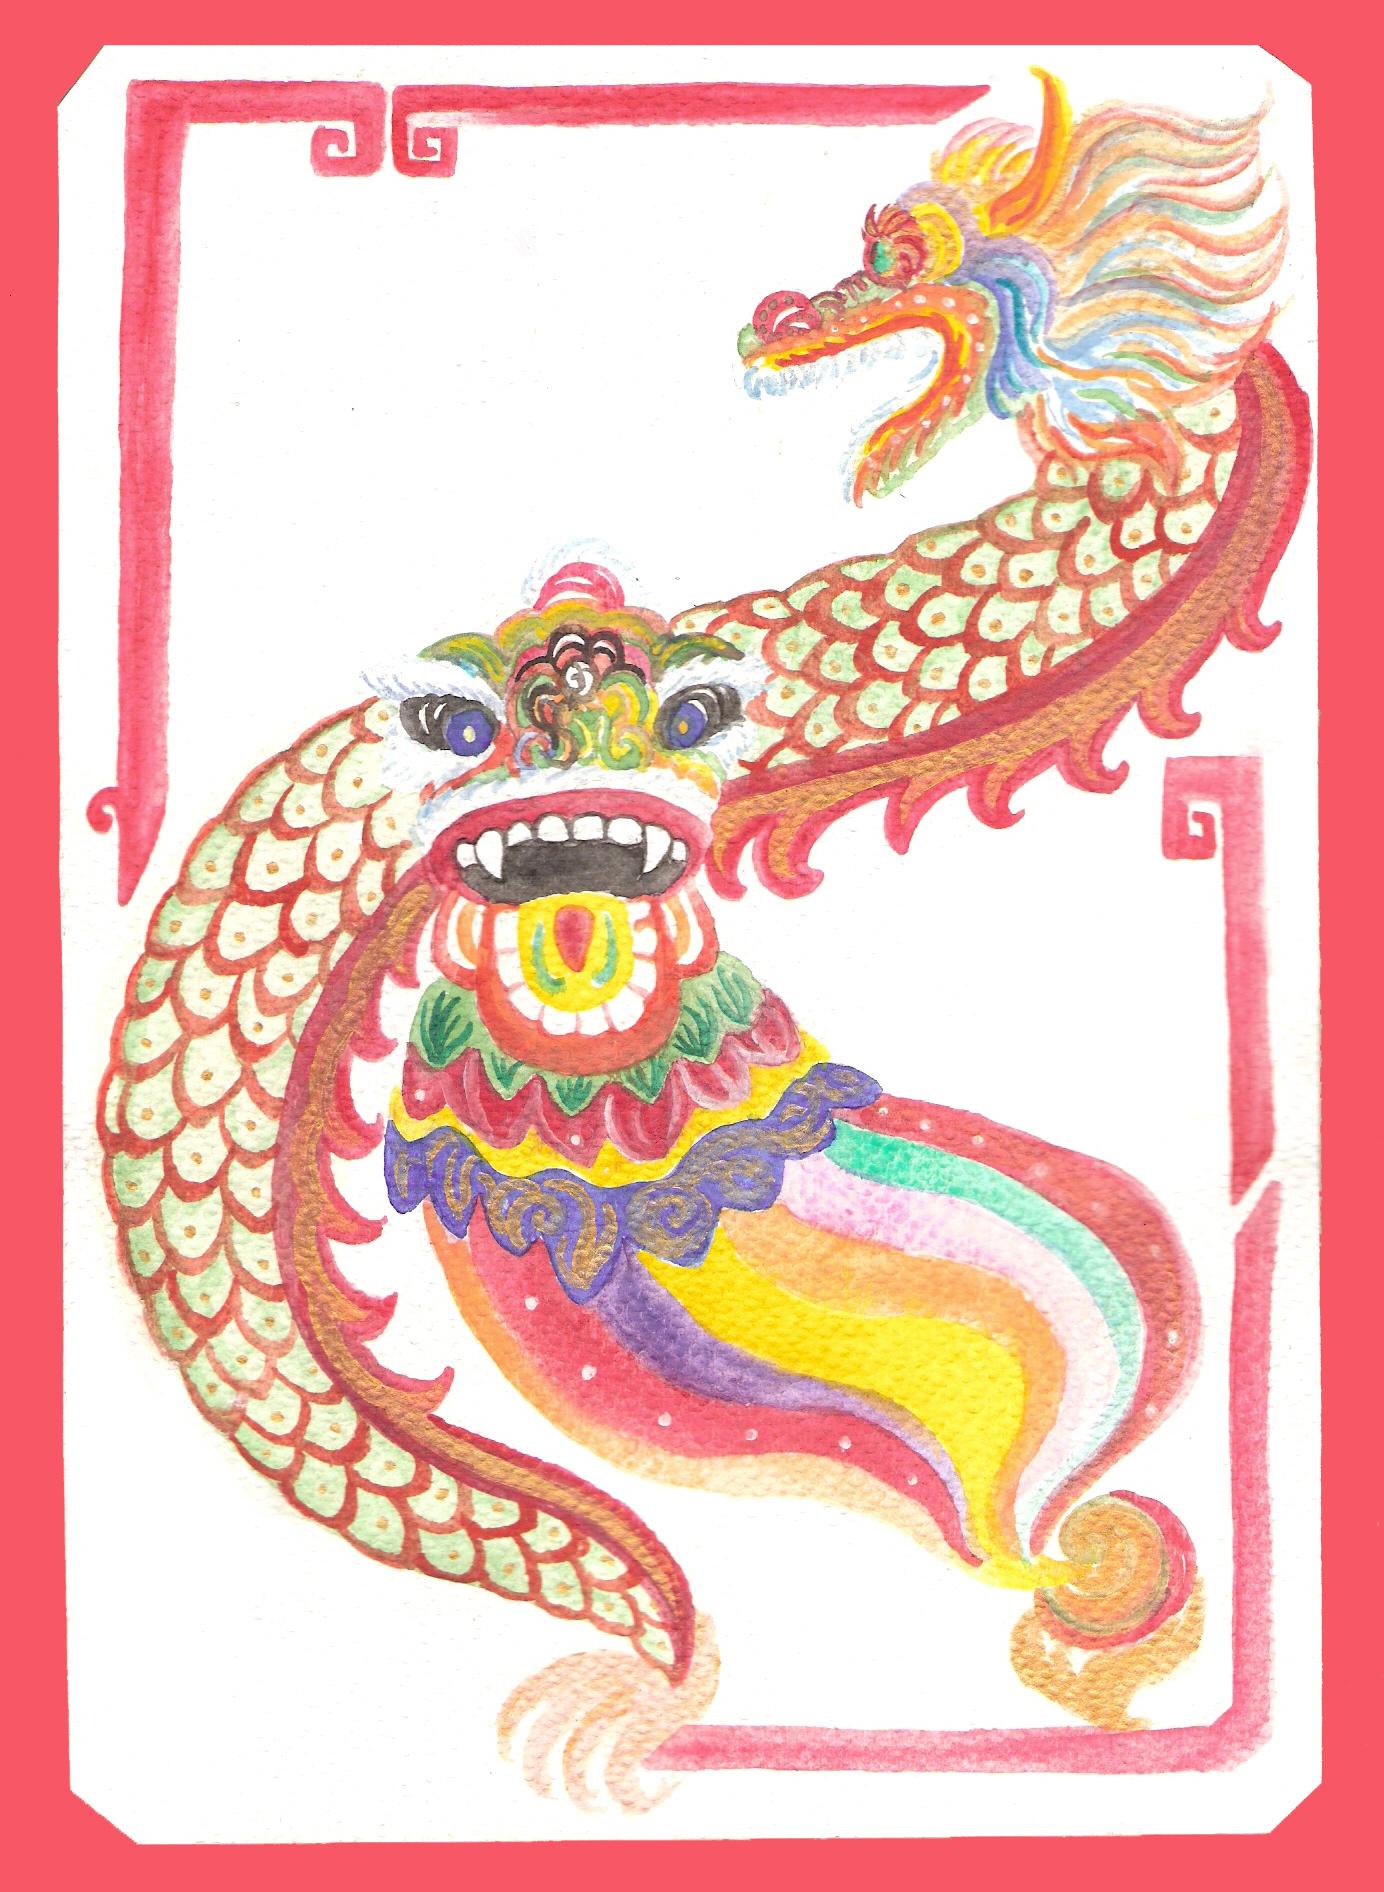 filechinese new year animalsjpg - Chinese New Year 2008